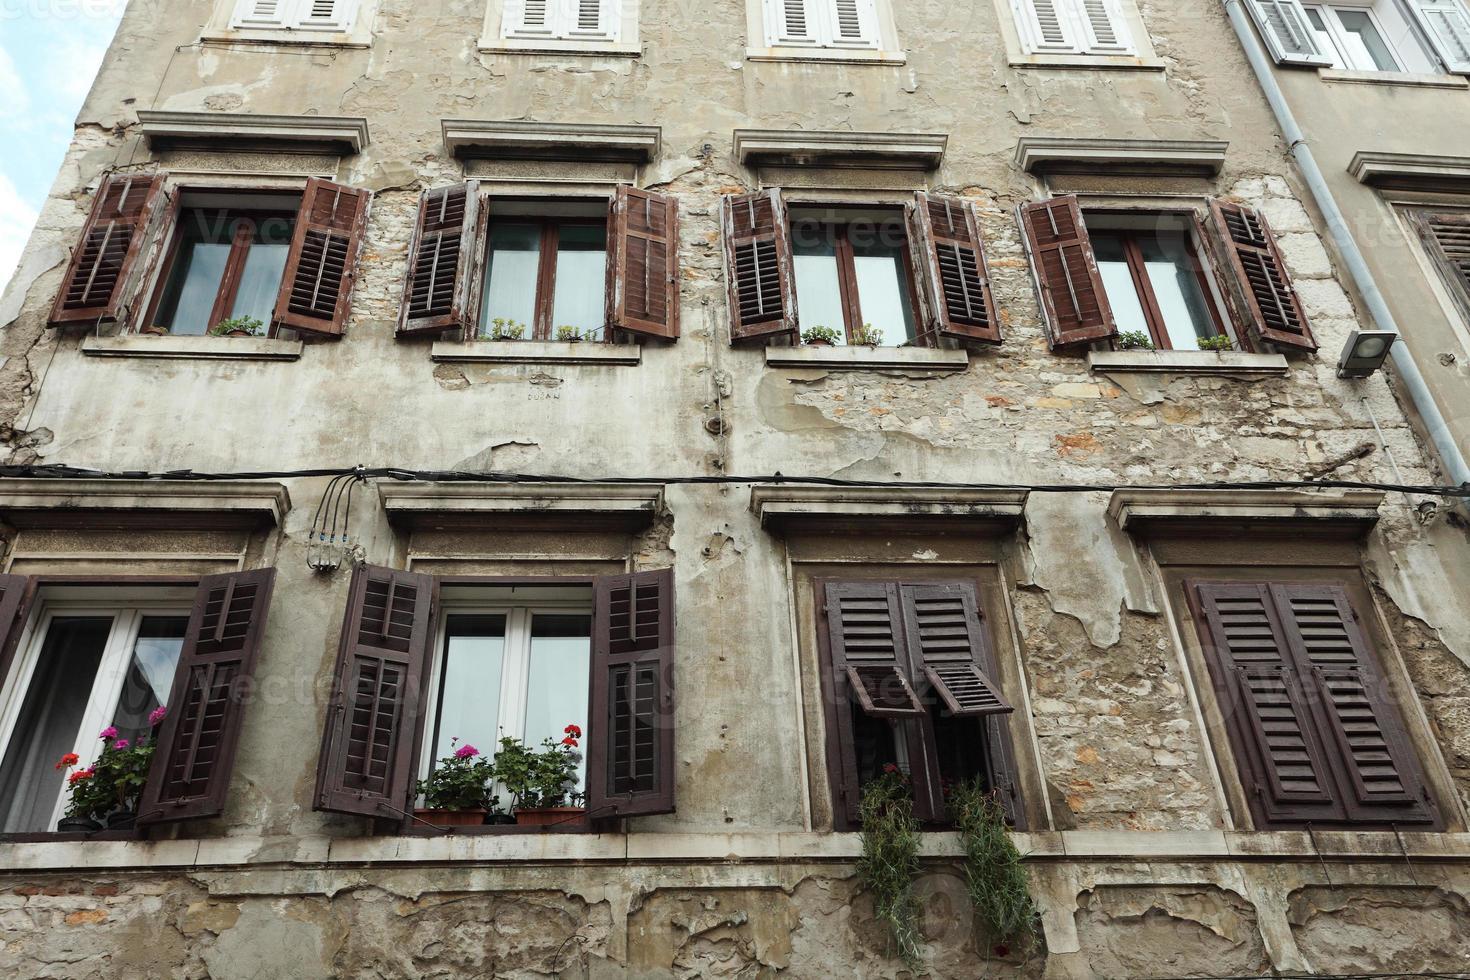 hausfassaden und fenster à der altstadt von pula à kroatien photo